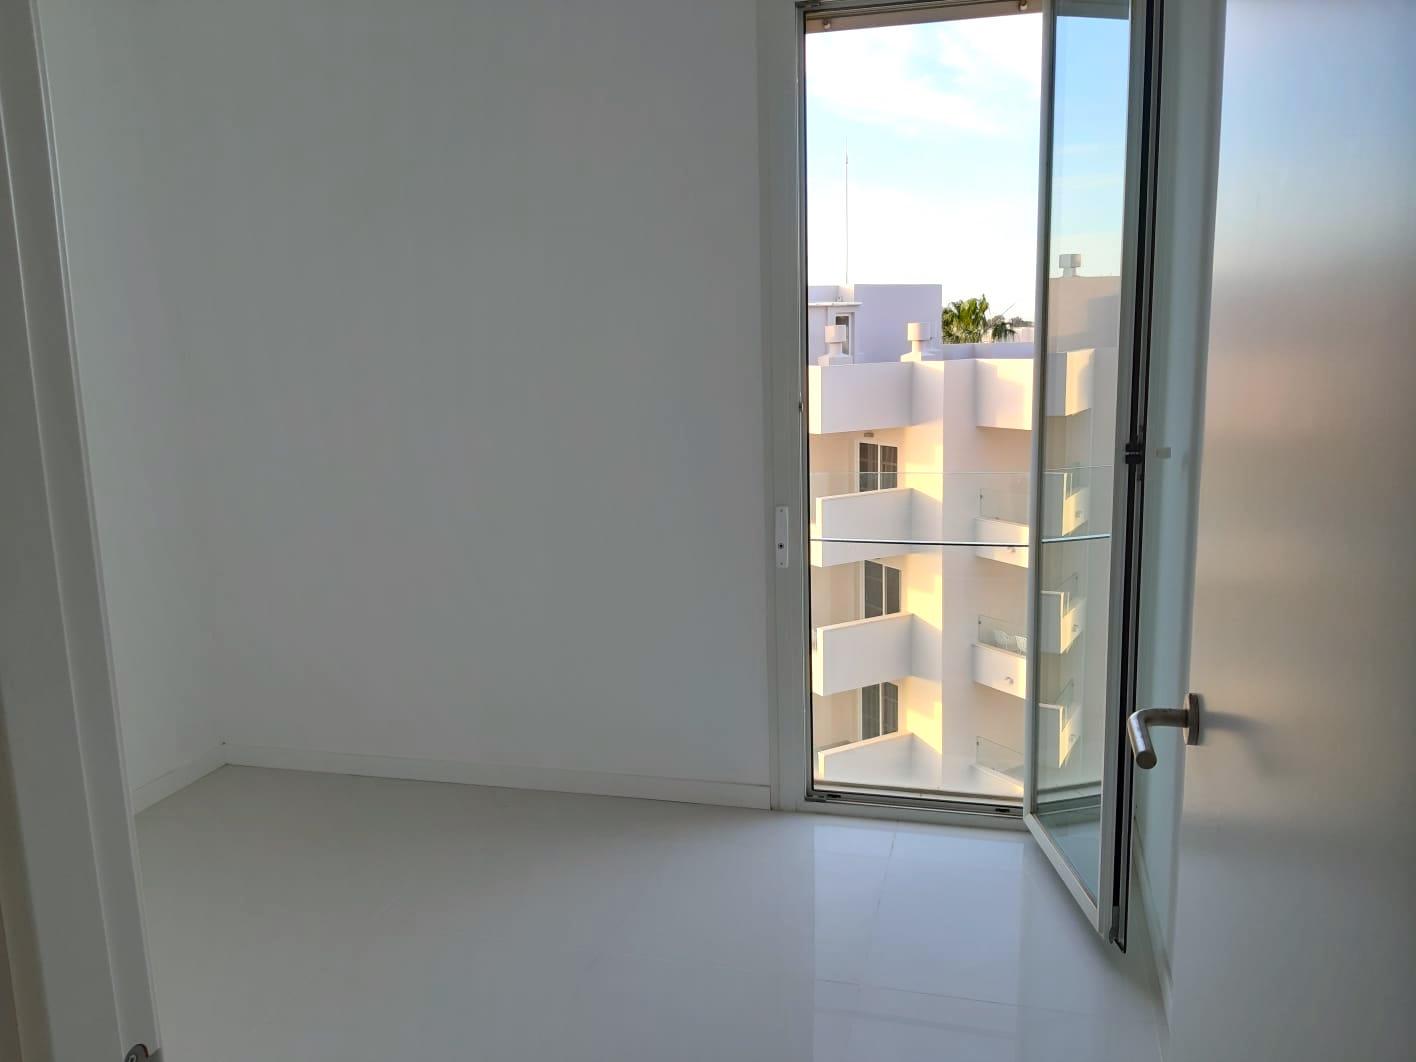 Etxebizitza salgai in Figueretes - Platja d'En Bossa (Ibiza)